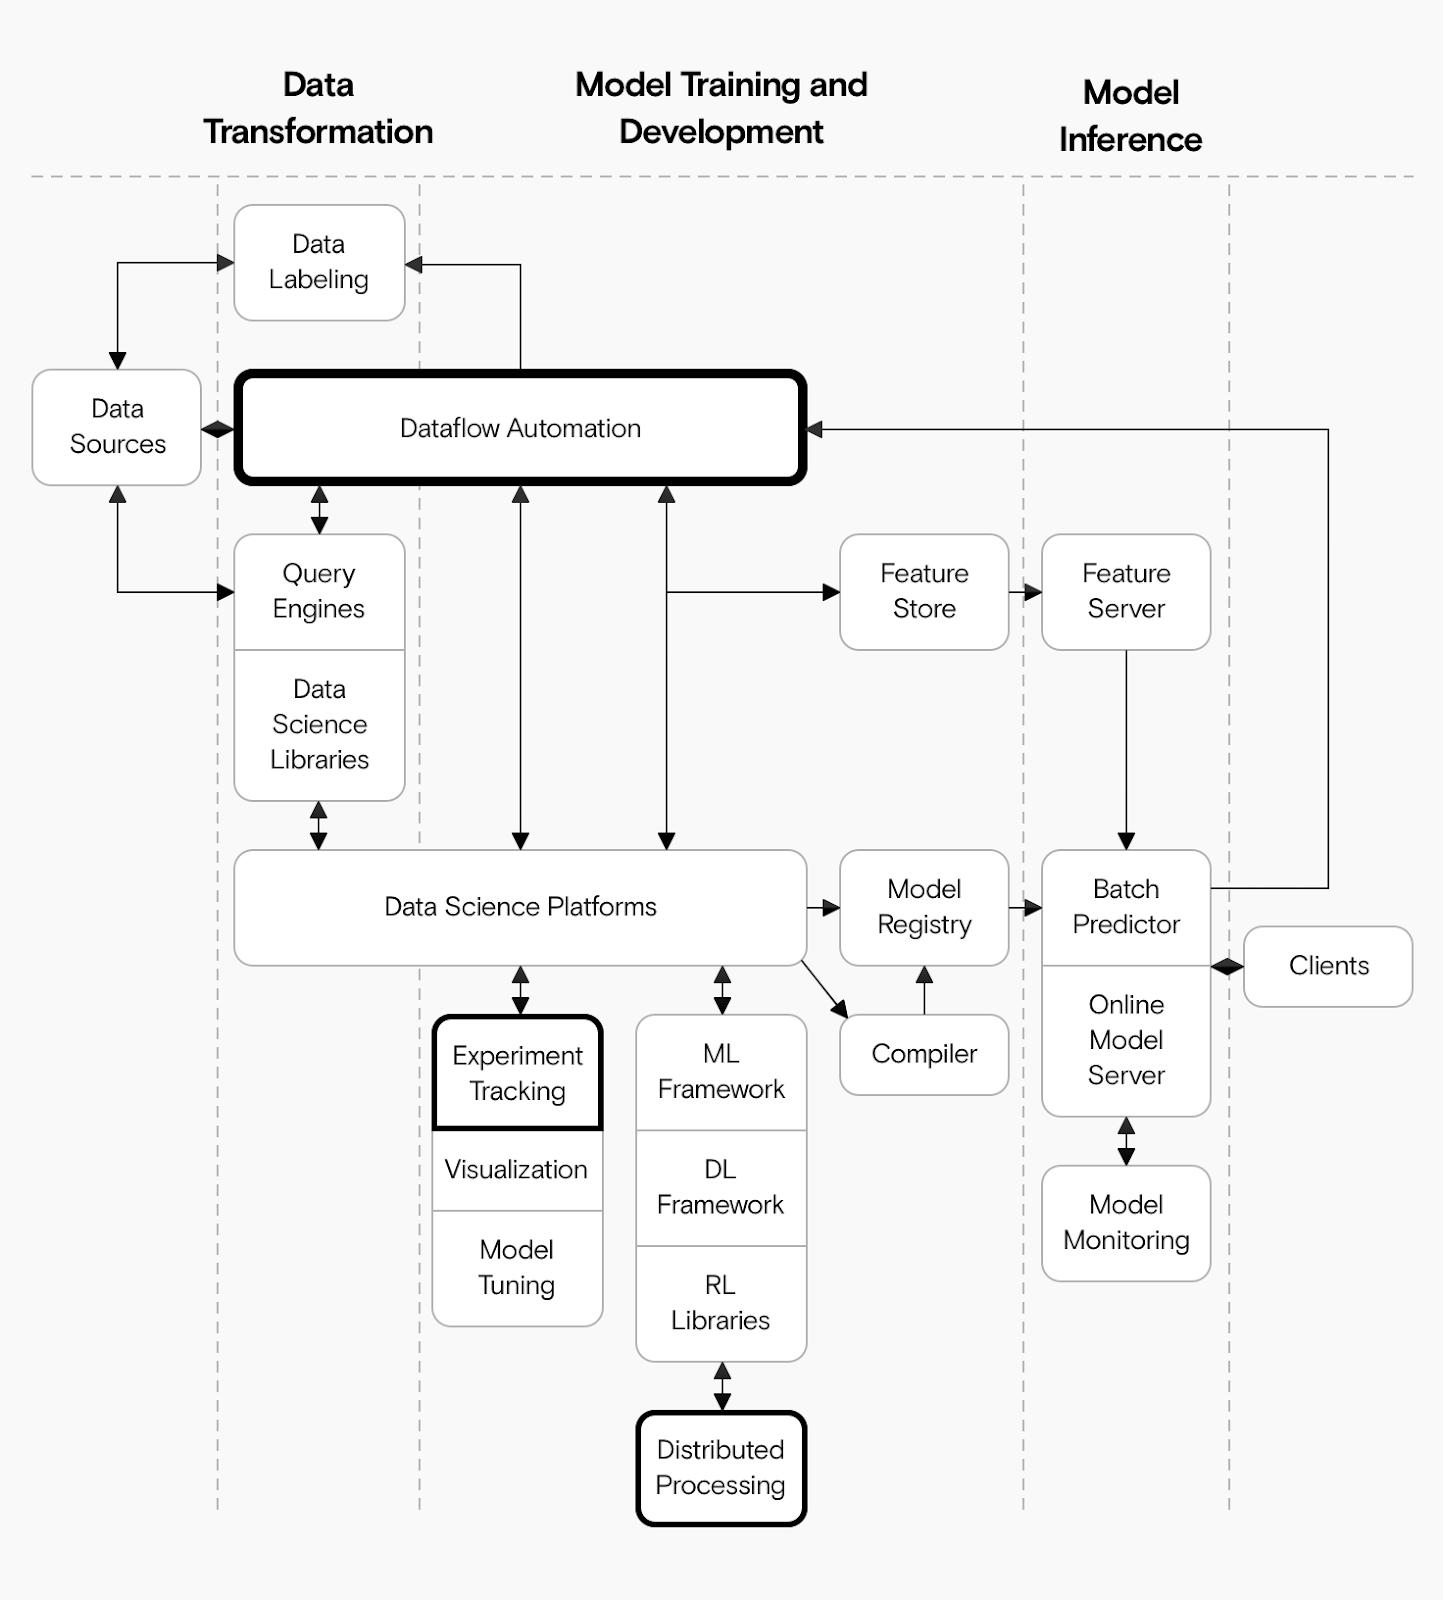 Ein Diagramm einer umfangreichen Machine-Learning-Architektur, das zeigt, wie Prefect die Datenflowautomatisierung verwaltet und auch das Experimente-Tracking sowie verteiltes Rechnen unterstützt.